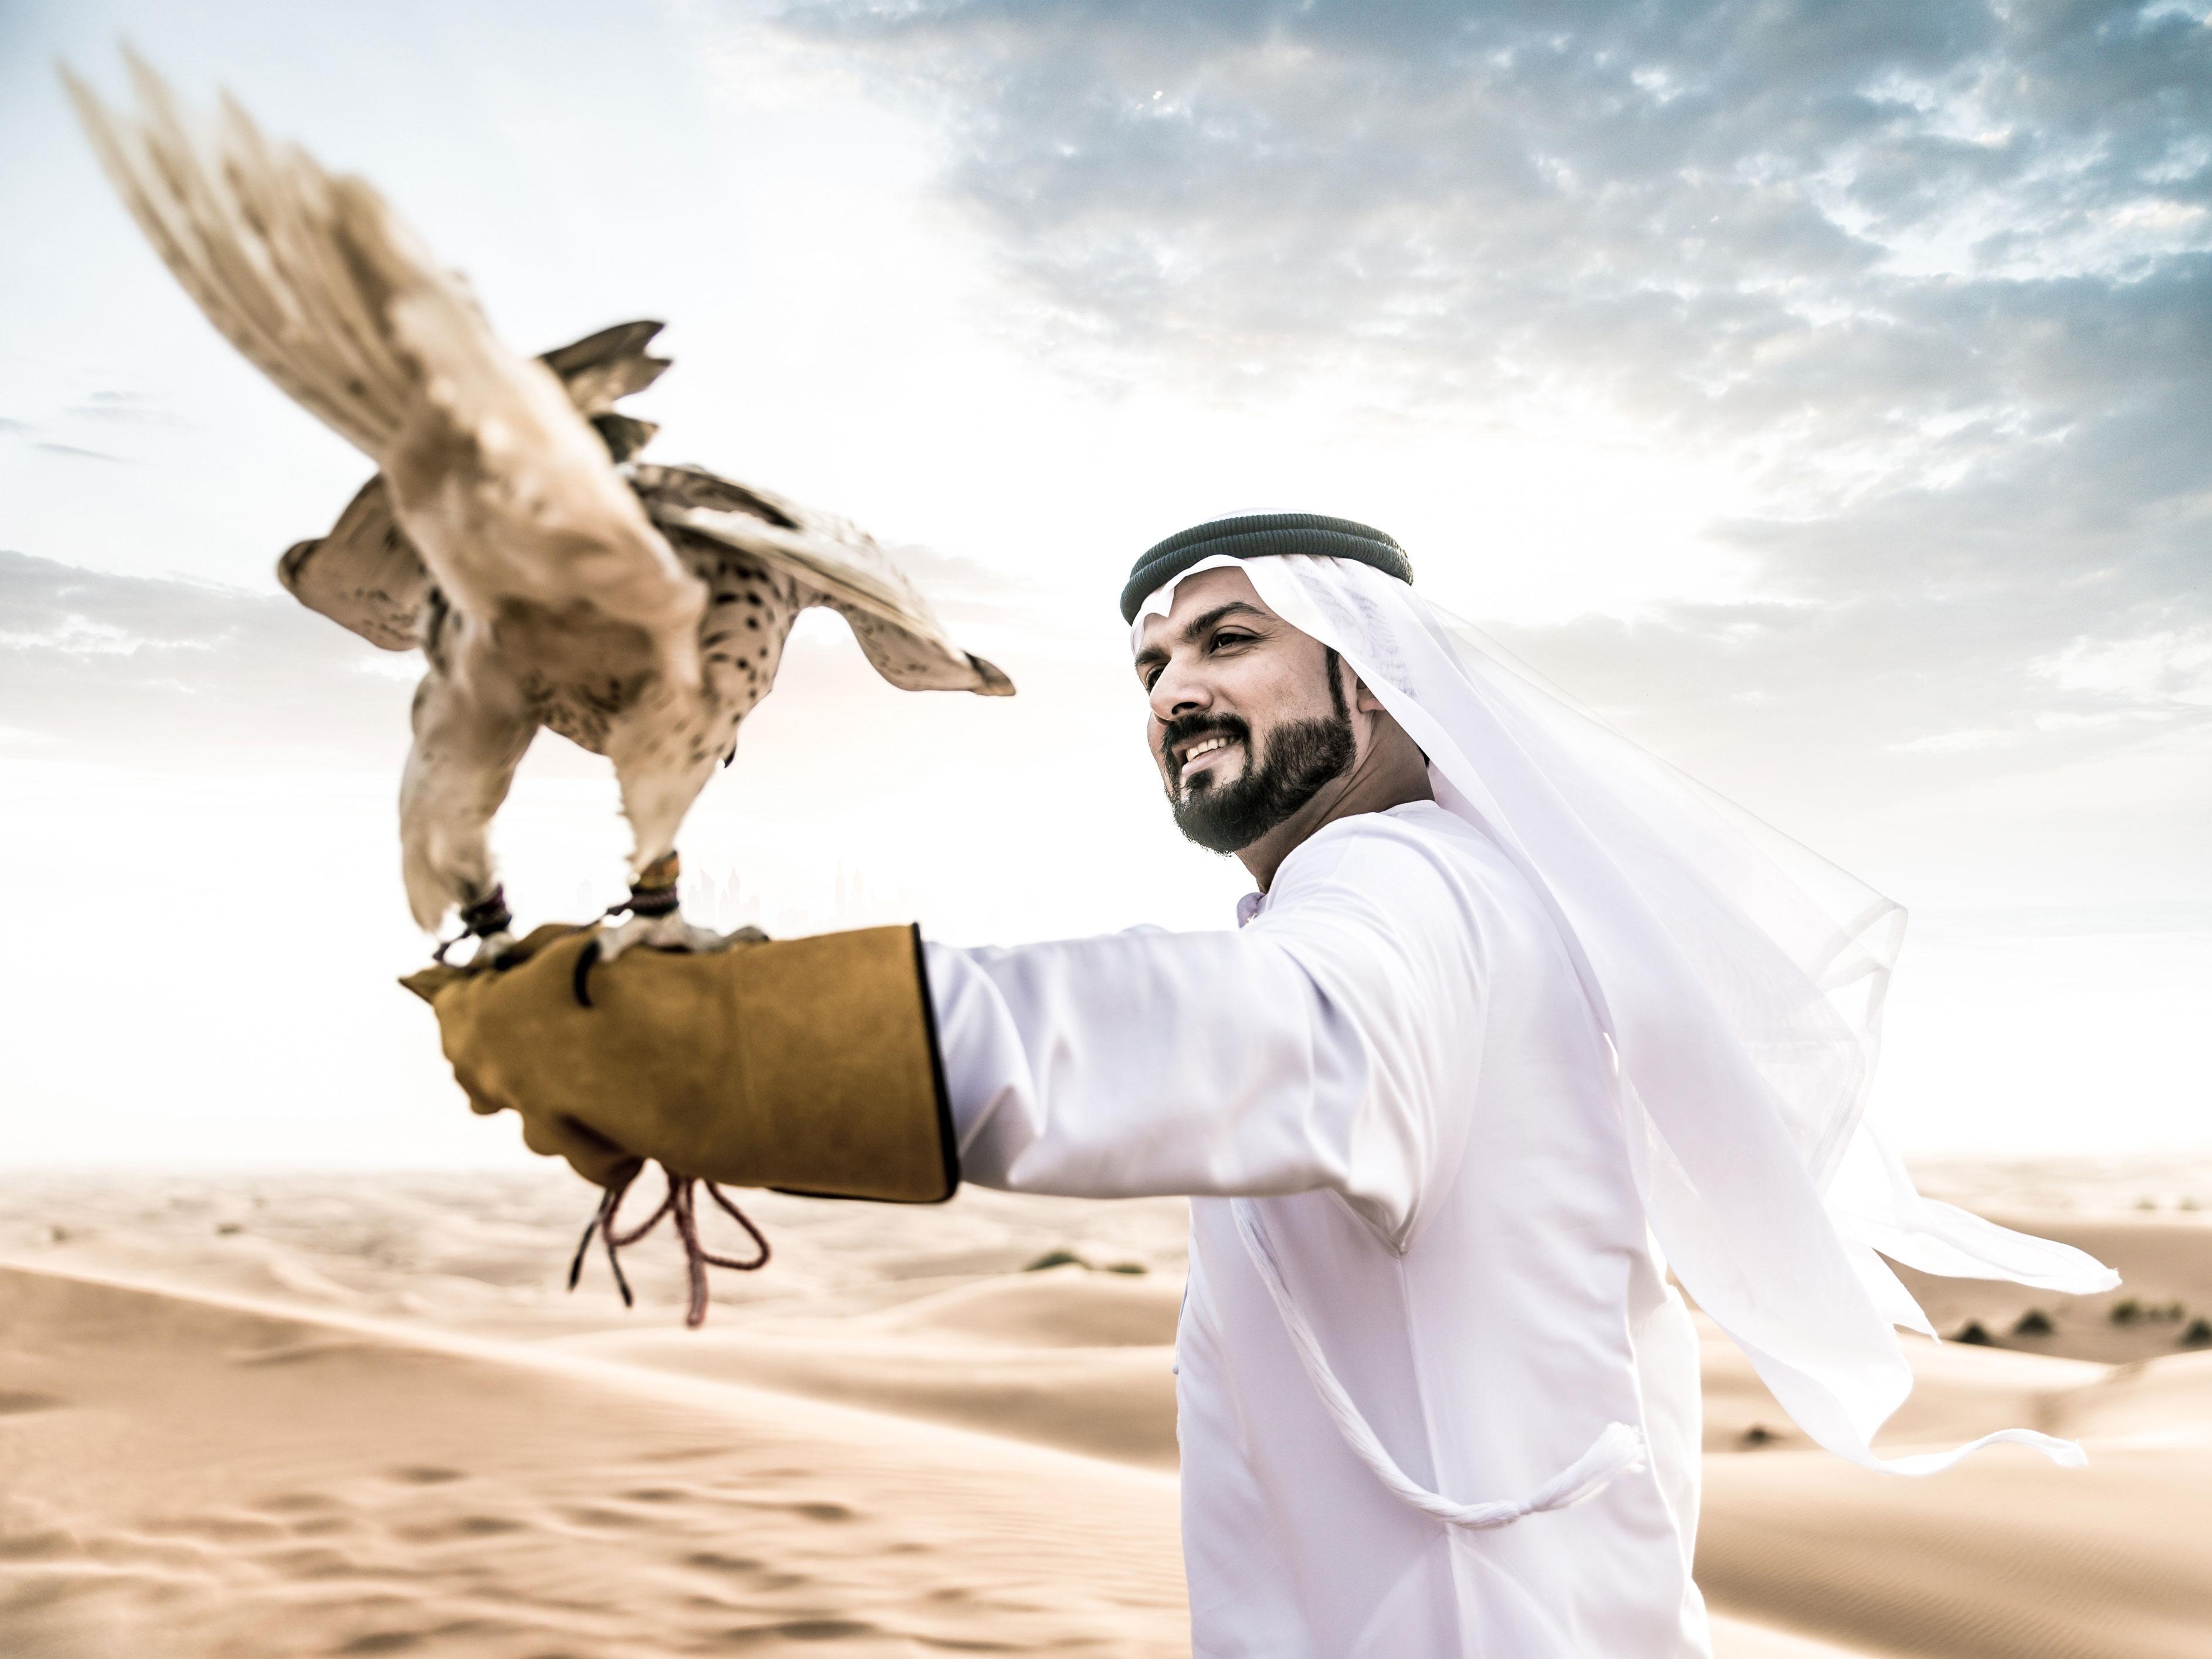 ドバイ富裕層の定番ペットは意外とかわいい〇〇!?アラブ文化を紹介!